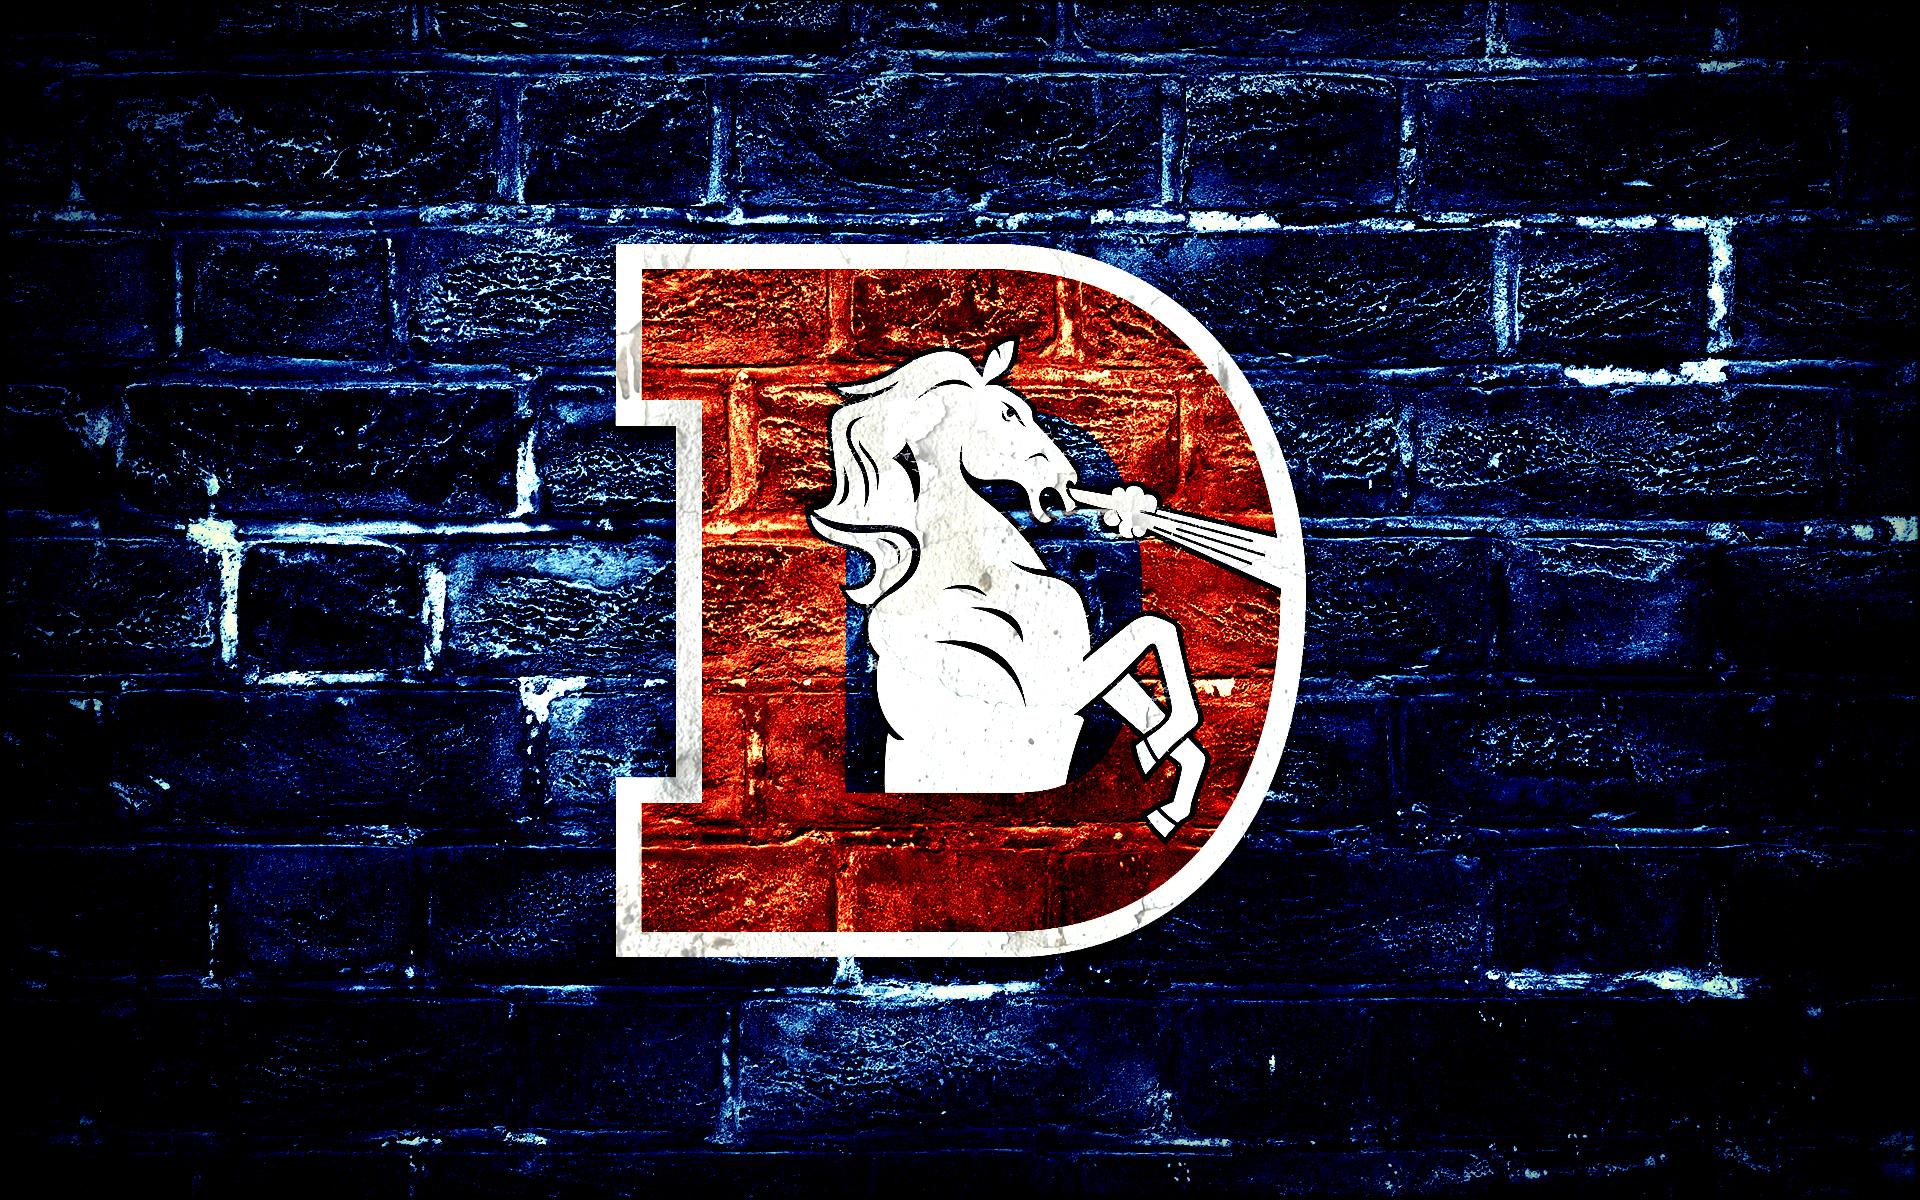 Free Denver Broncos Wallpaper - WallpaperSafari